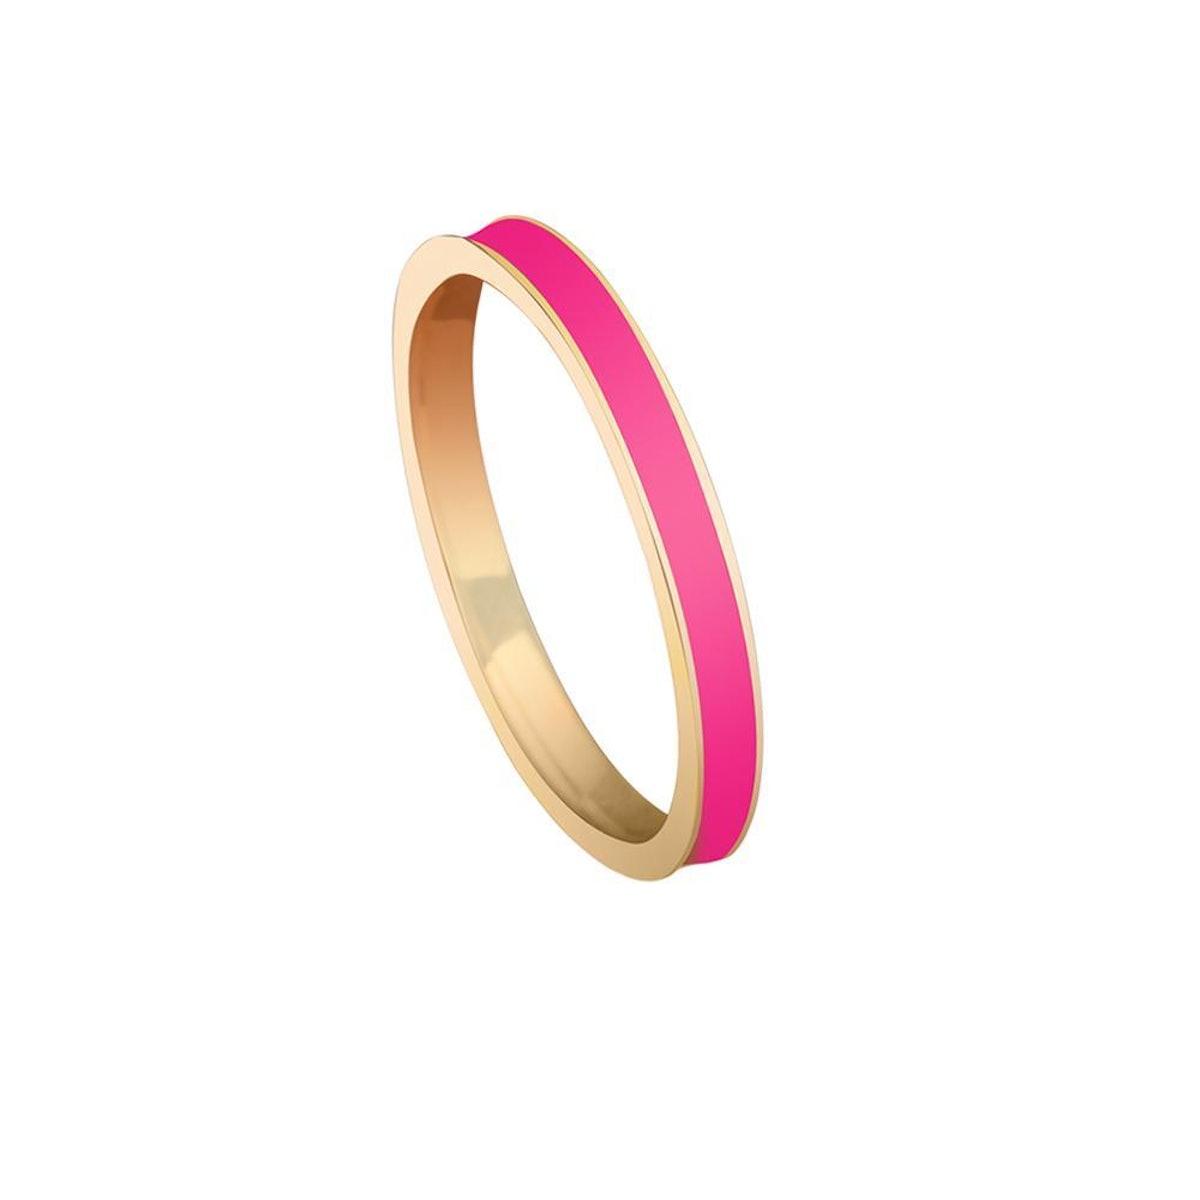 Nikki Rae Enamel Ring